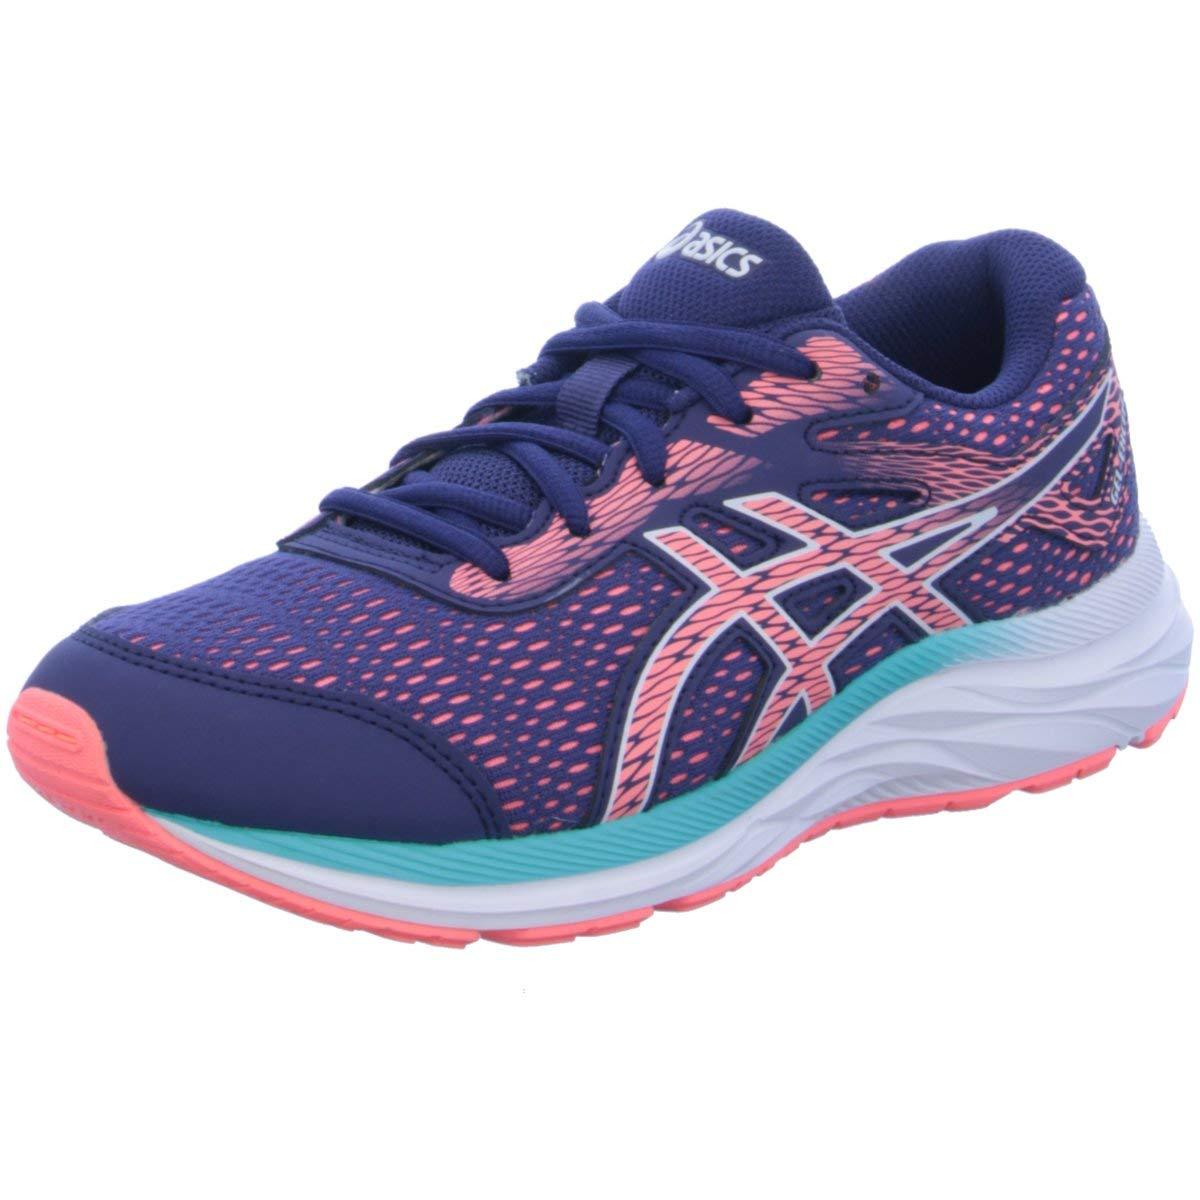 ASICS Chaussures Junior Gel Excite 6: Amazon.it: Sport e